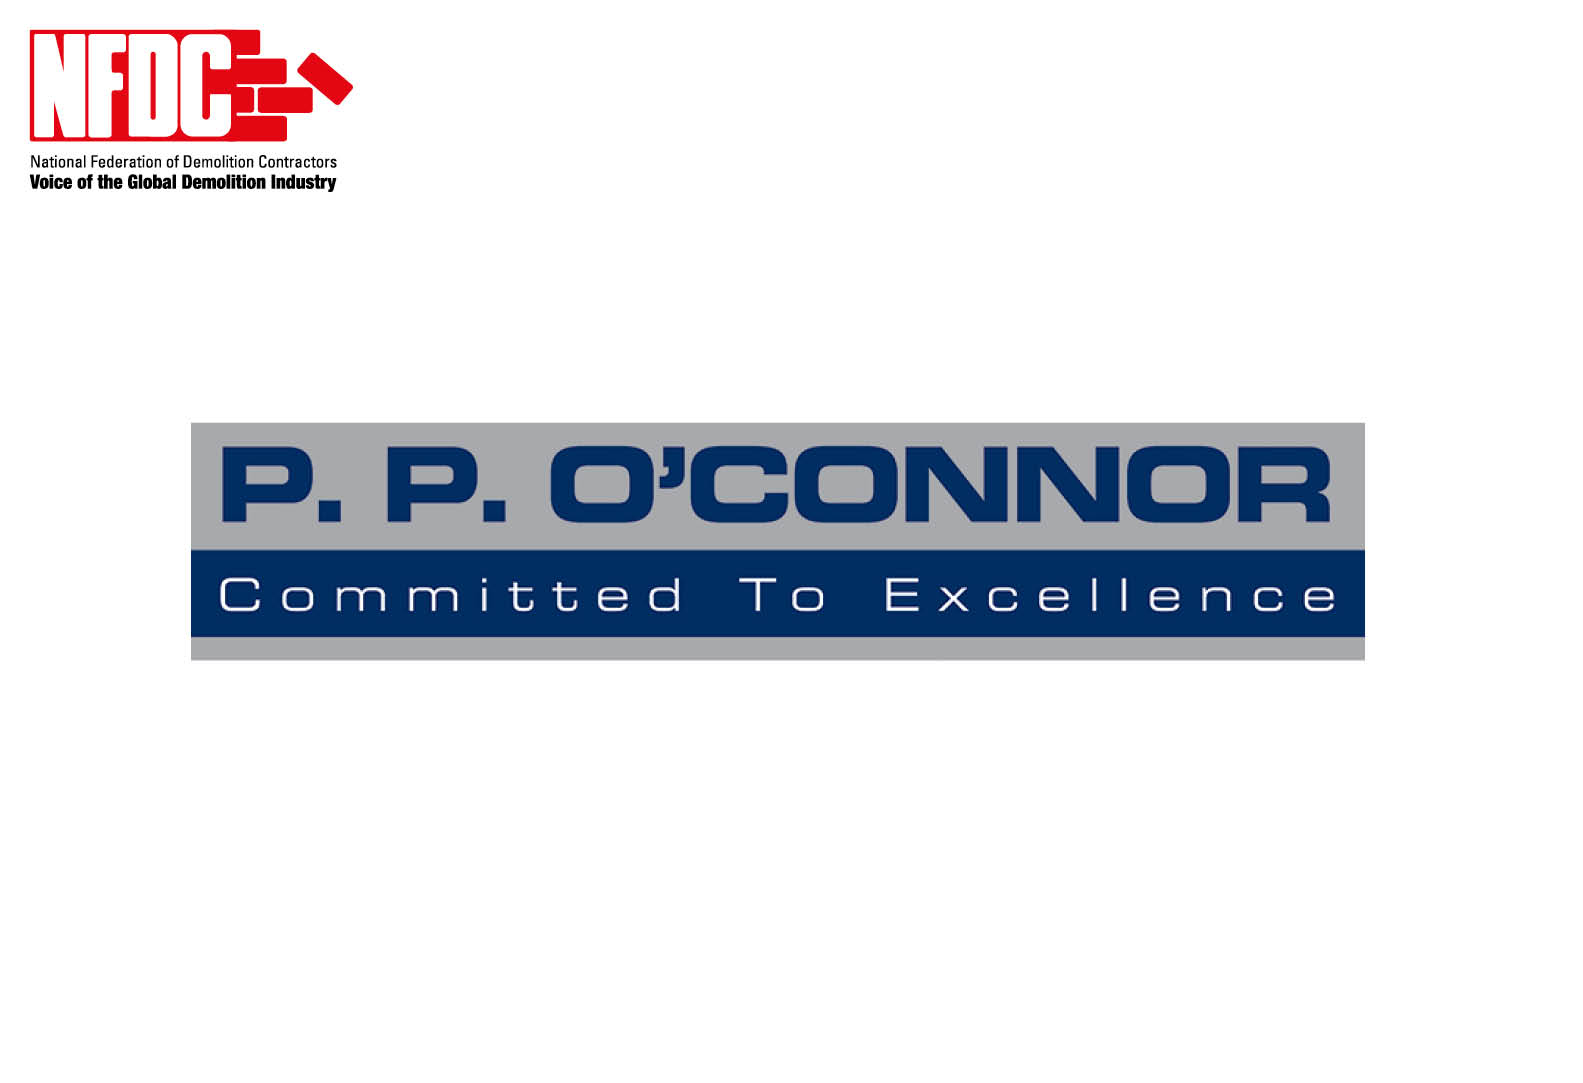 P P O'Connor